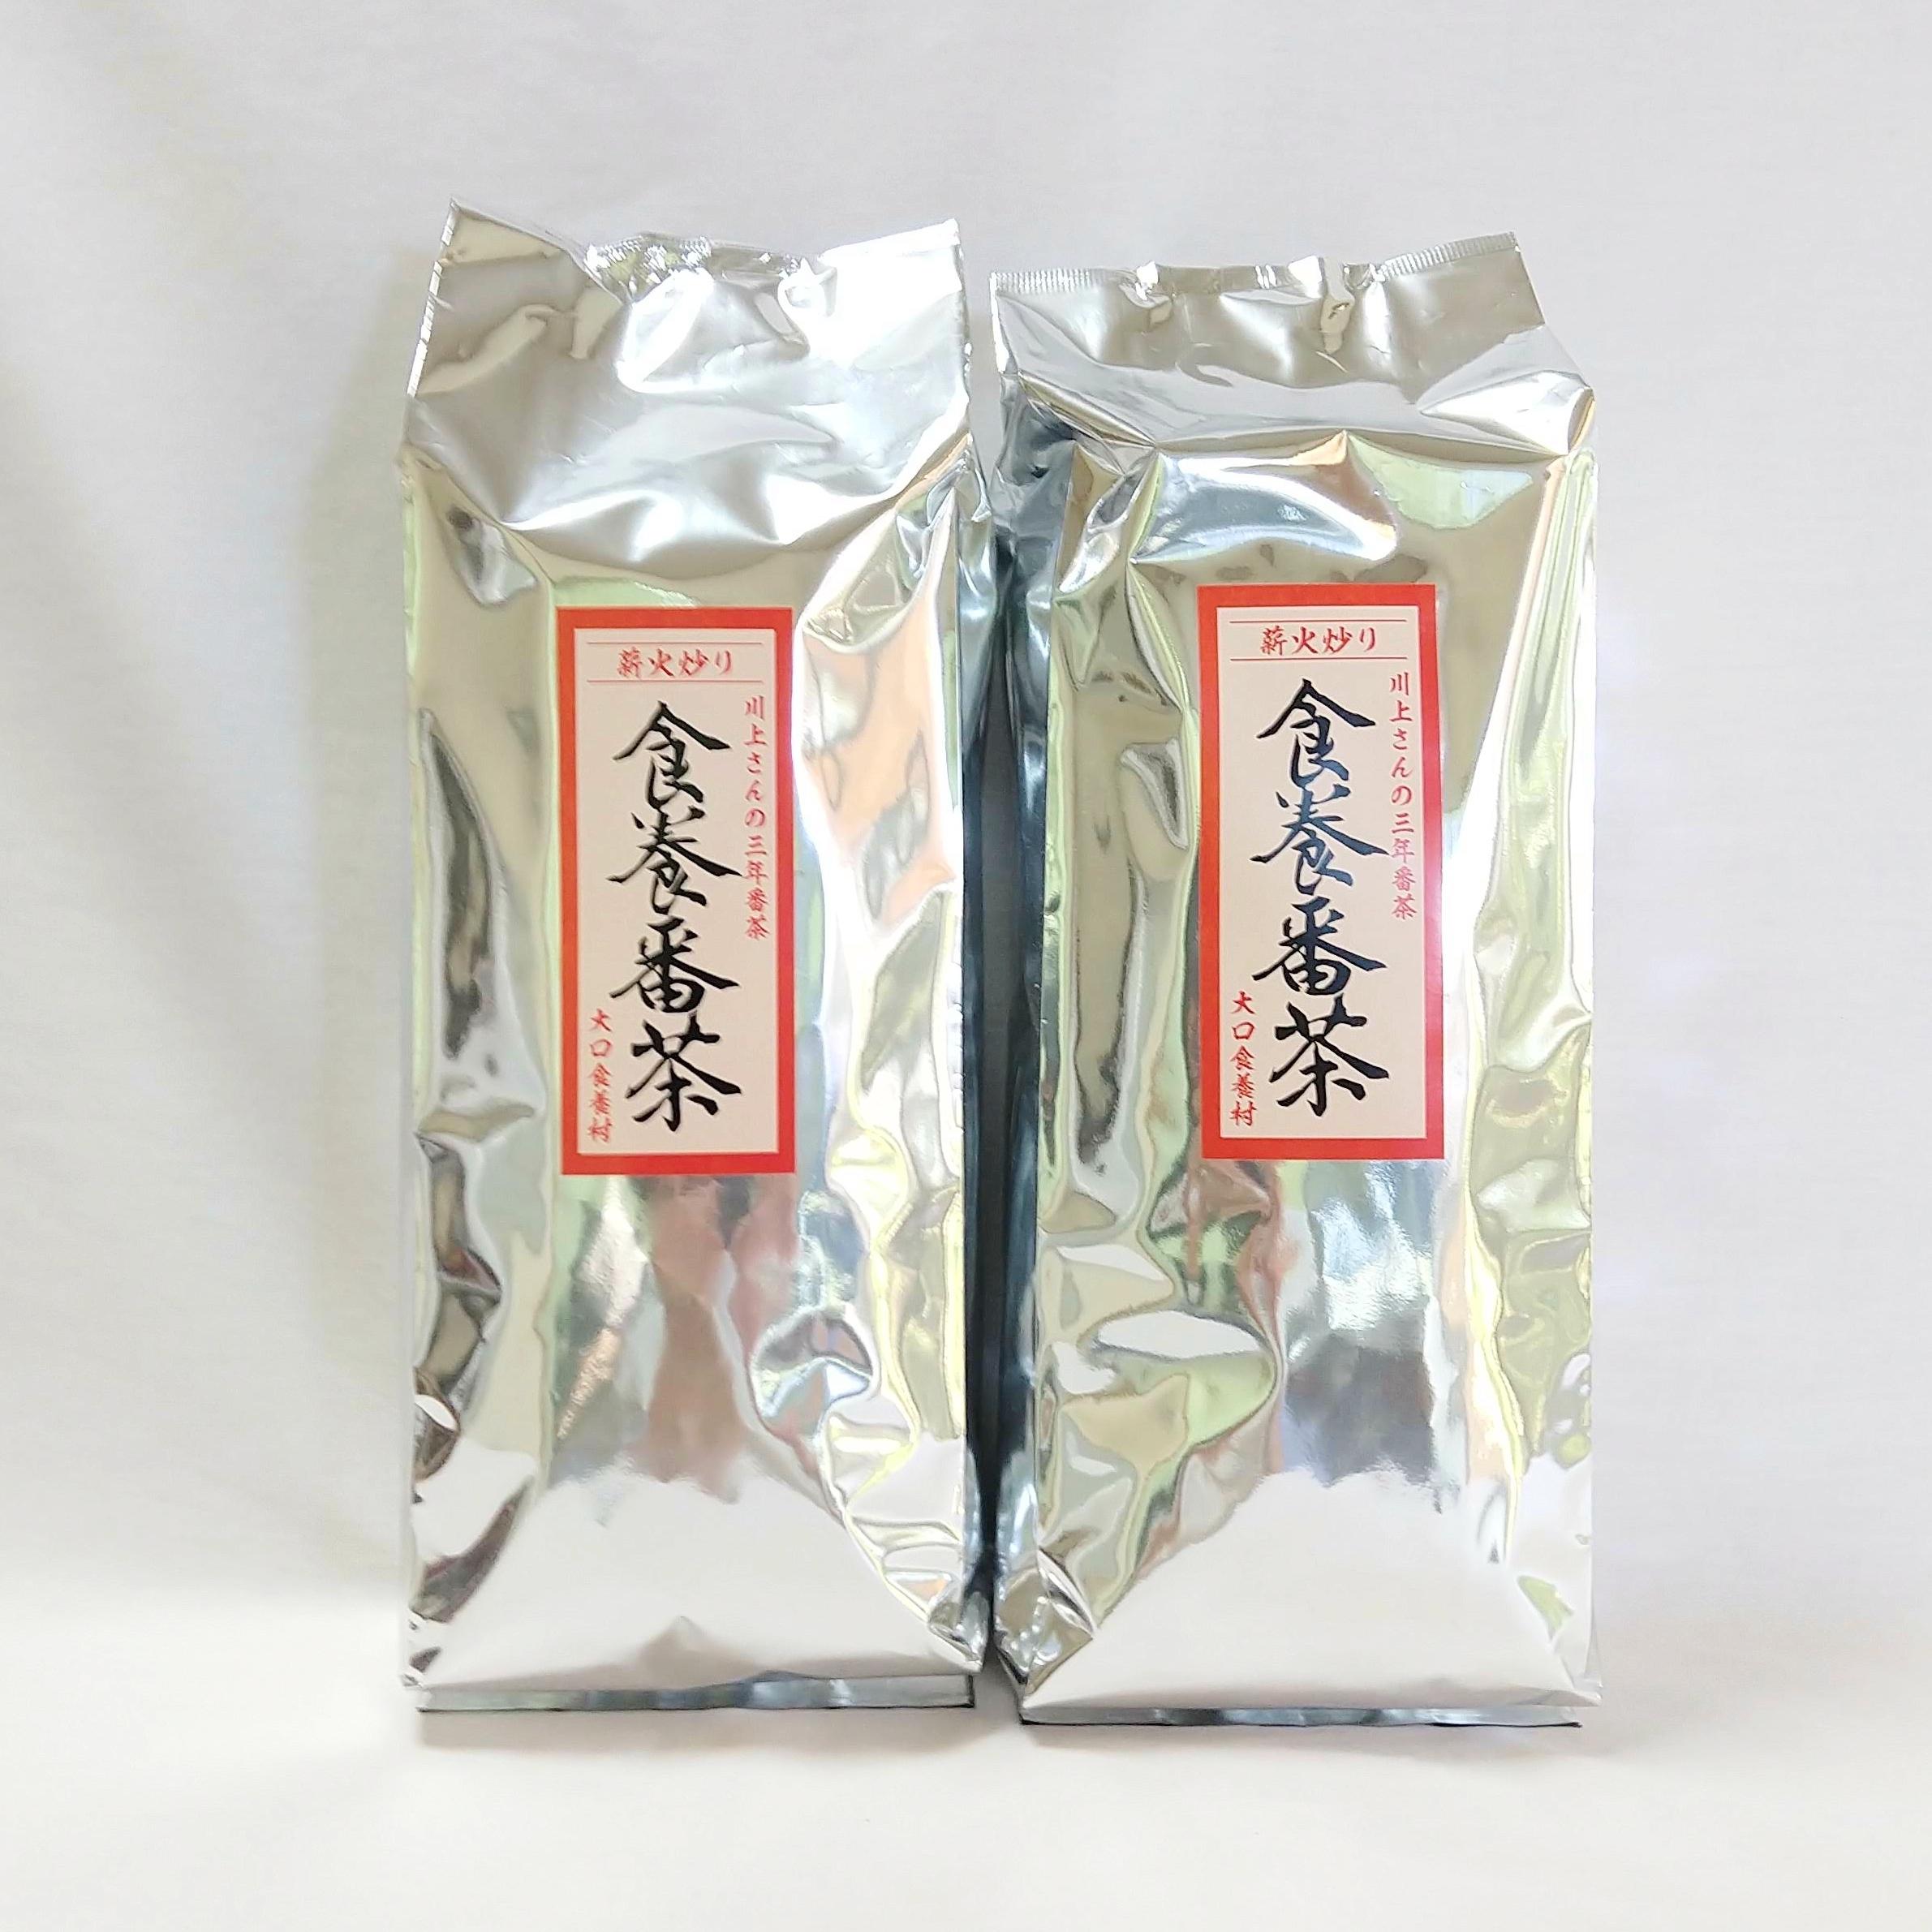 食養番茶550g 2個セット【送料込み】